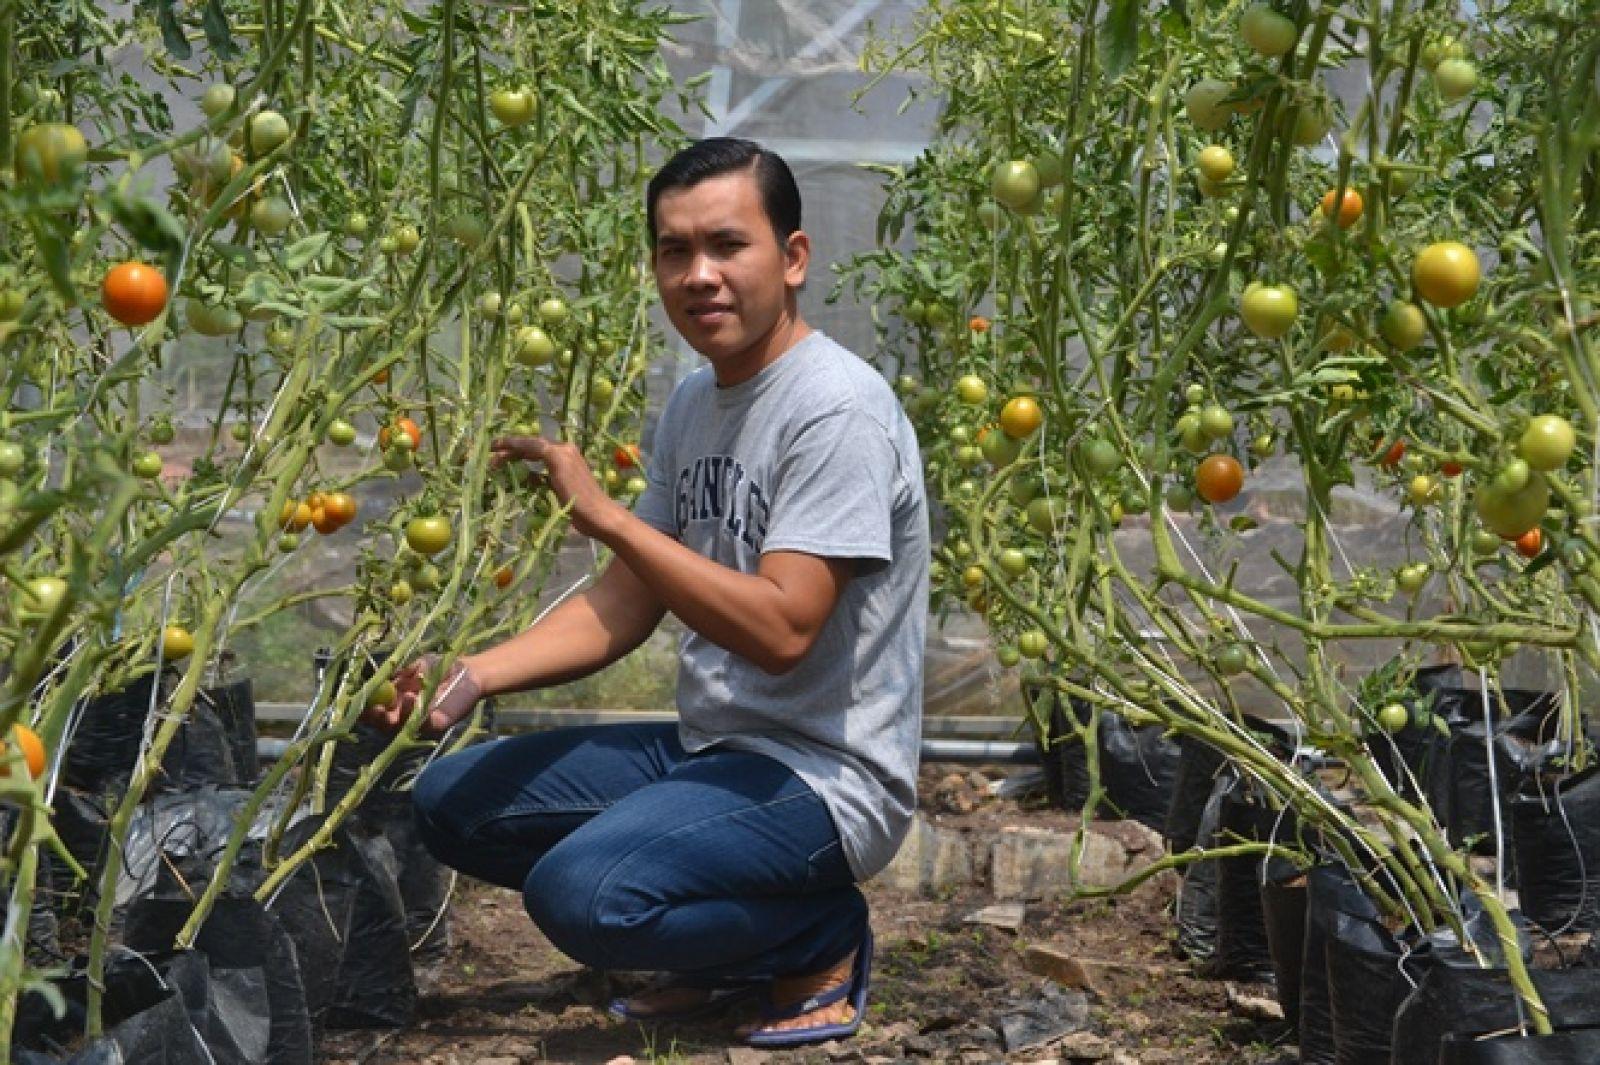 Anh Huỳnh Phú Lộc khởi nghiệp thành công với mô hình nông nghiệp công nghệ cao